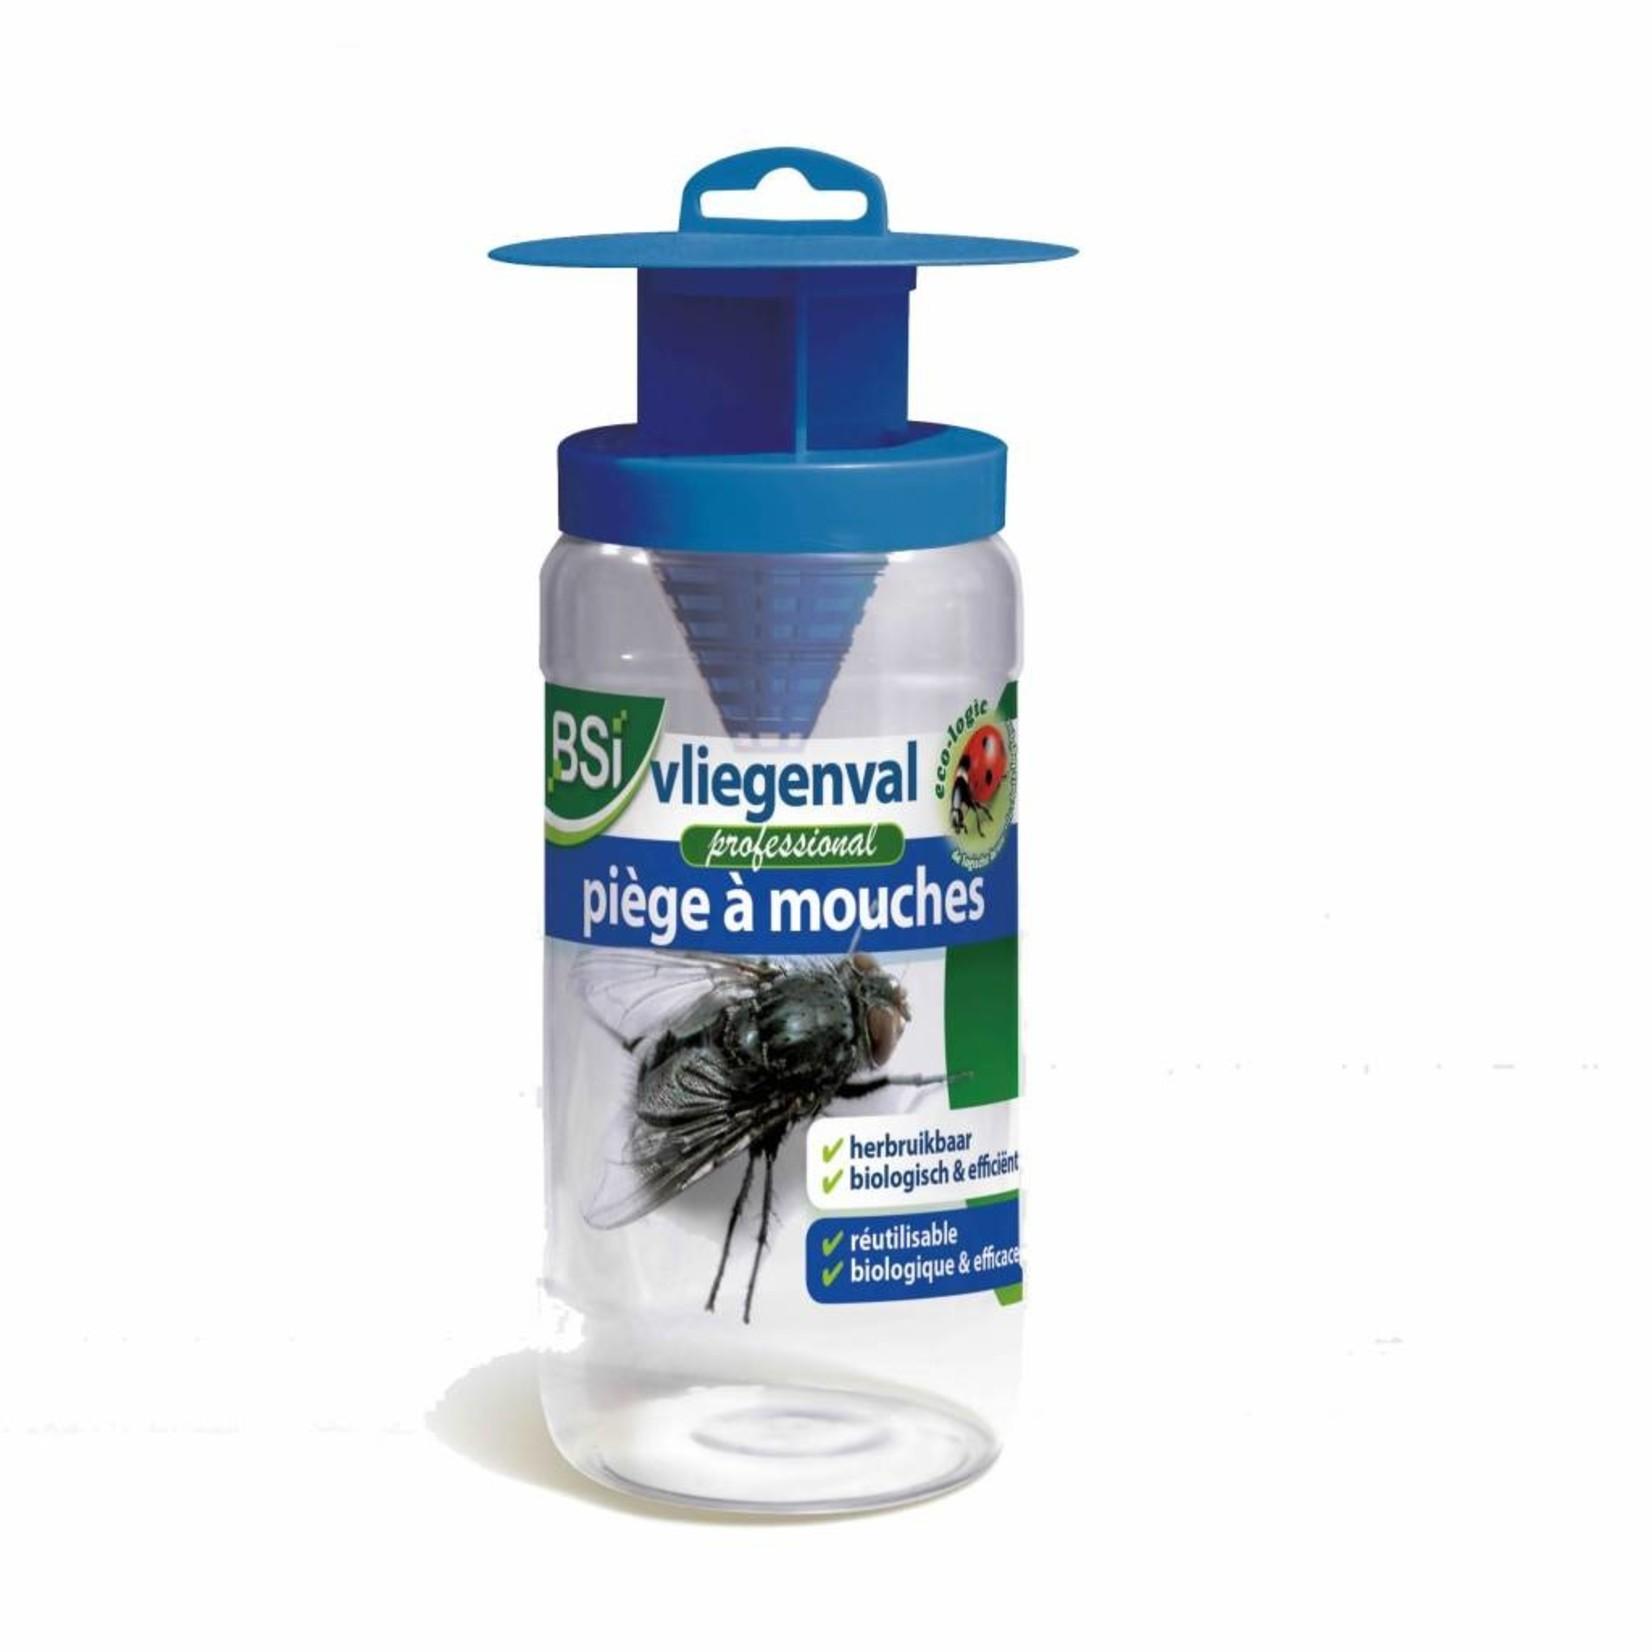 BSi Vliegenval herbruikbaar